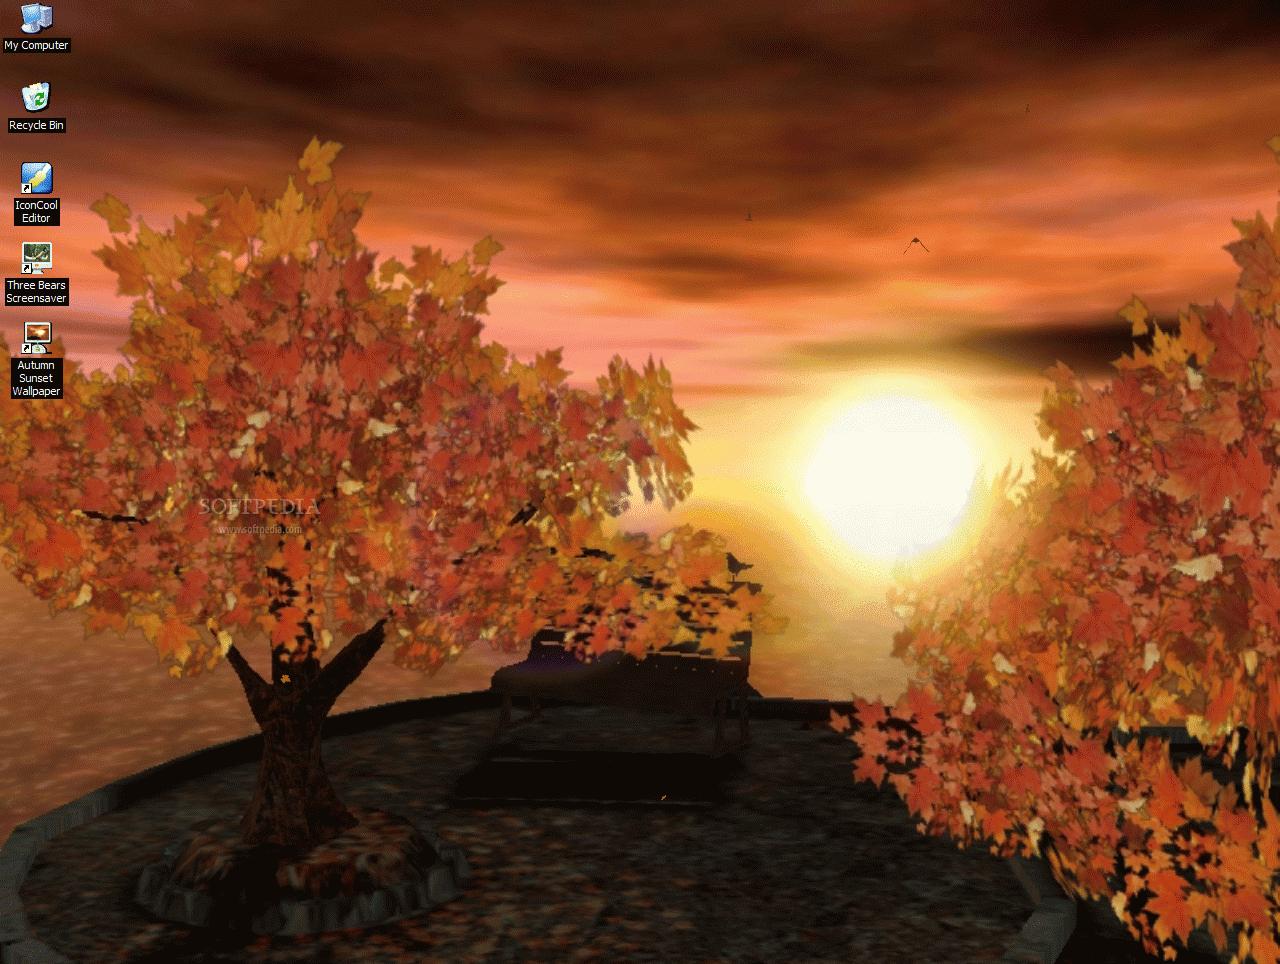 http://2.bp.blogspot.com/-dFb3w5FygFE/TxpbDSzluNI/AAAAAAAAAZ8/pwnPxe0VRpg/s1600/AD-Autumn-Sunset-Animated-3D-Wallpaper_1.png